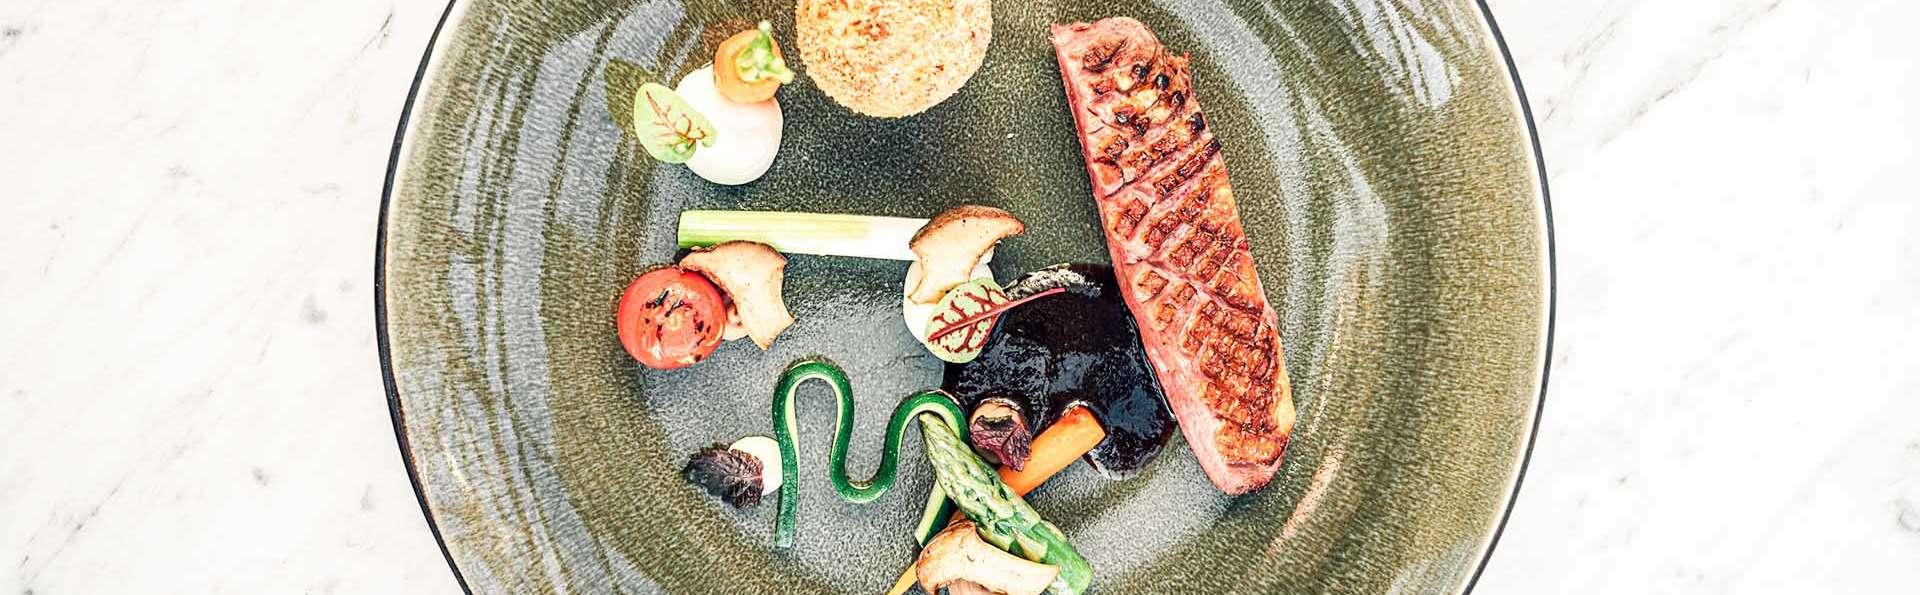 Weekendje weg met culinair 6-gangendiner in een voormalig adellijk landgoed